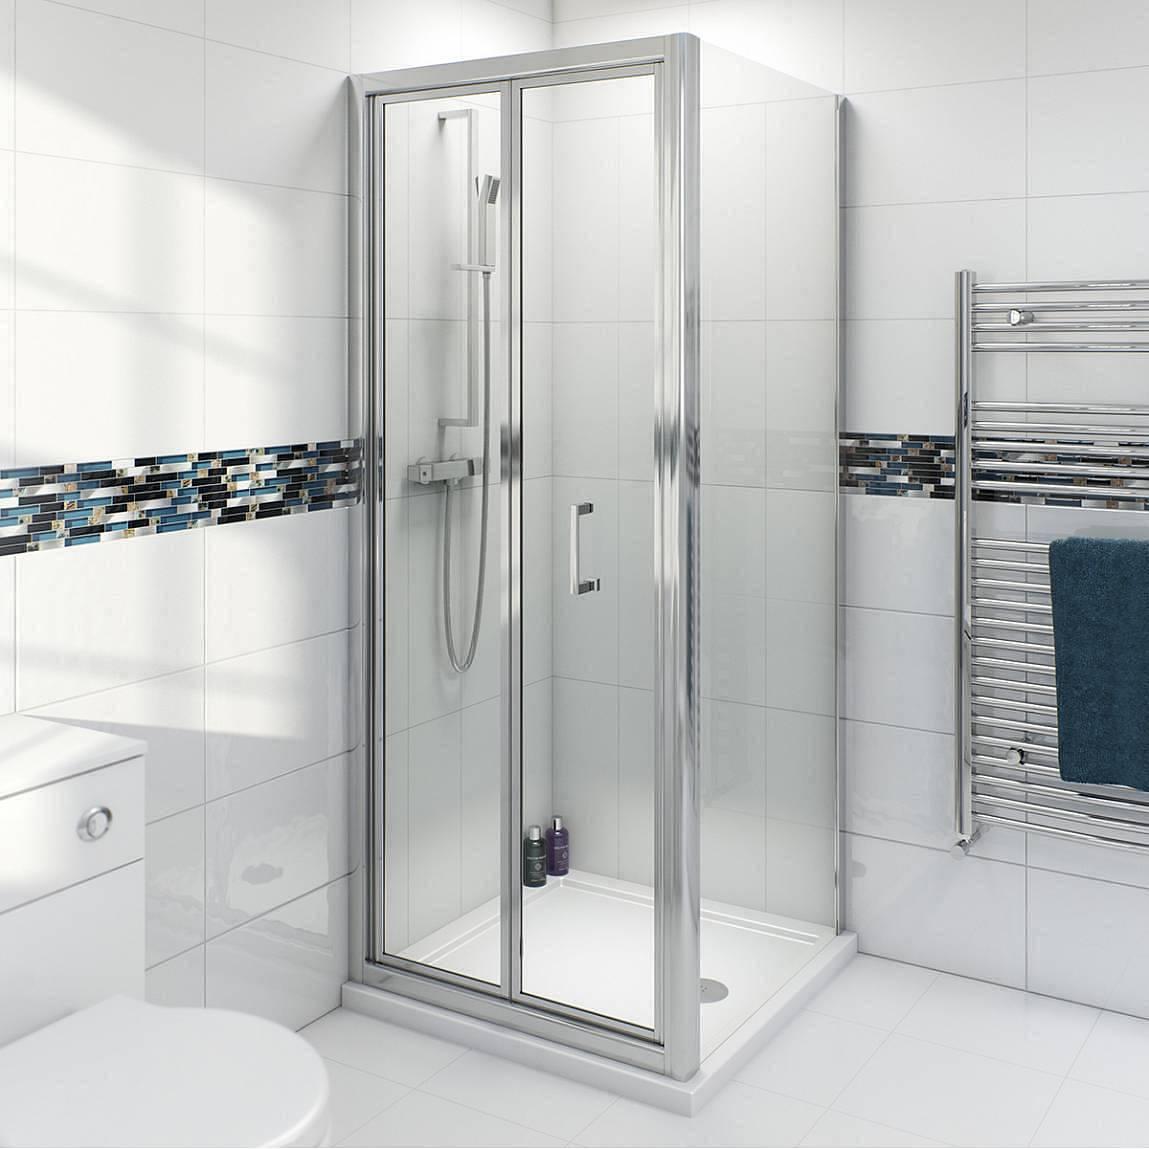 Image of V6 Bifold Enclosure 800 x 700